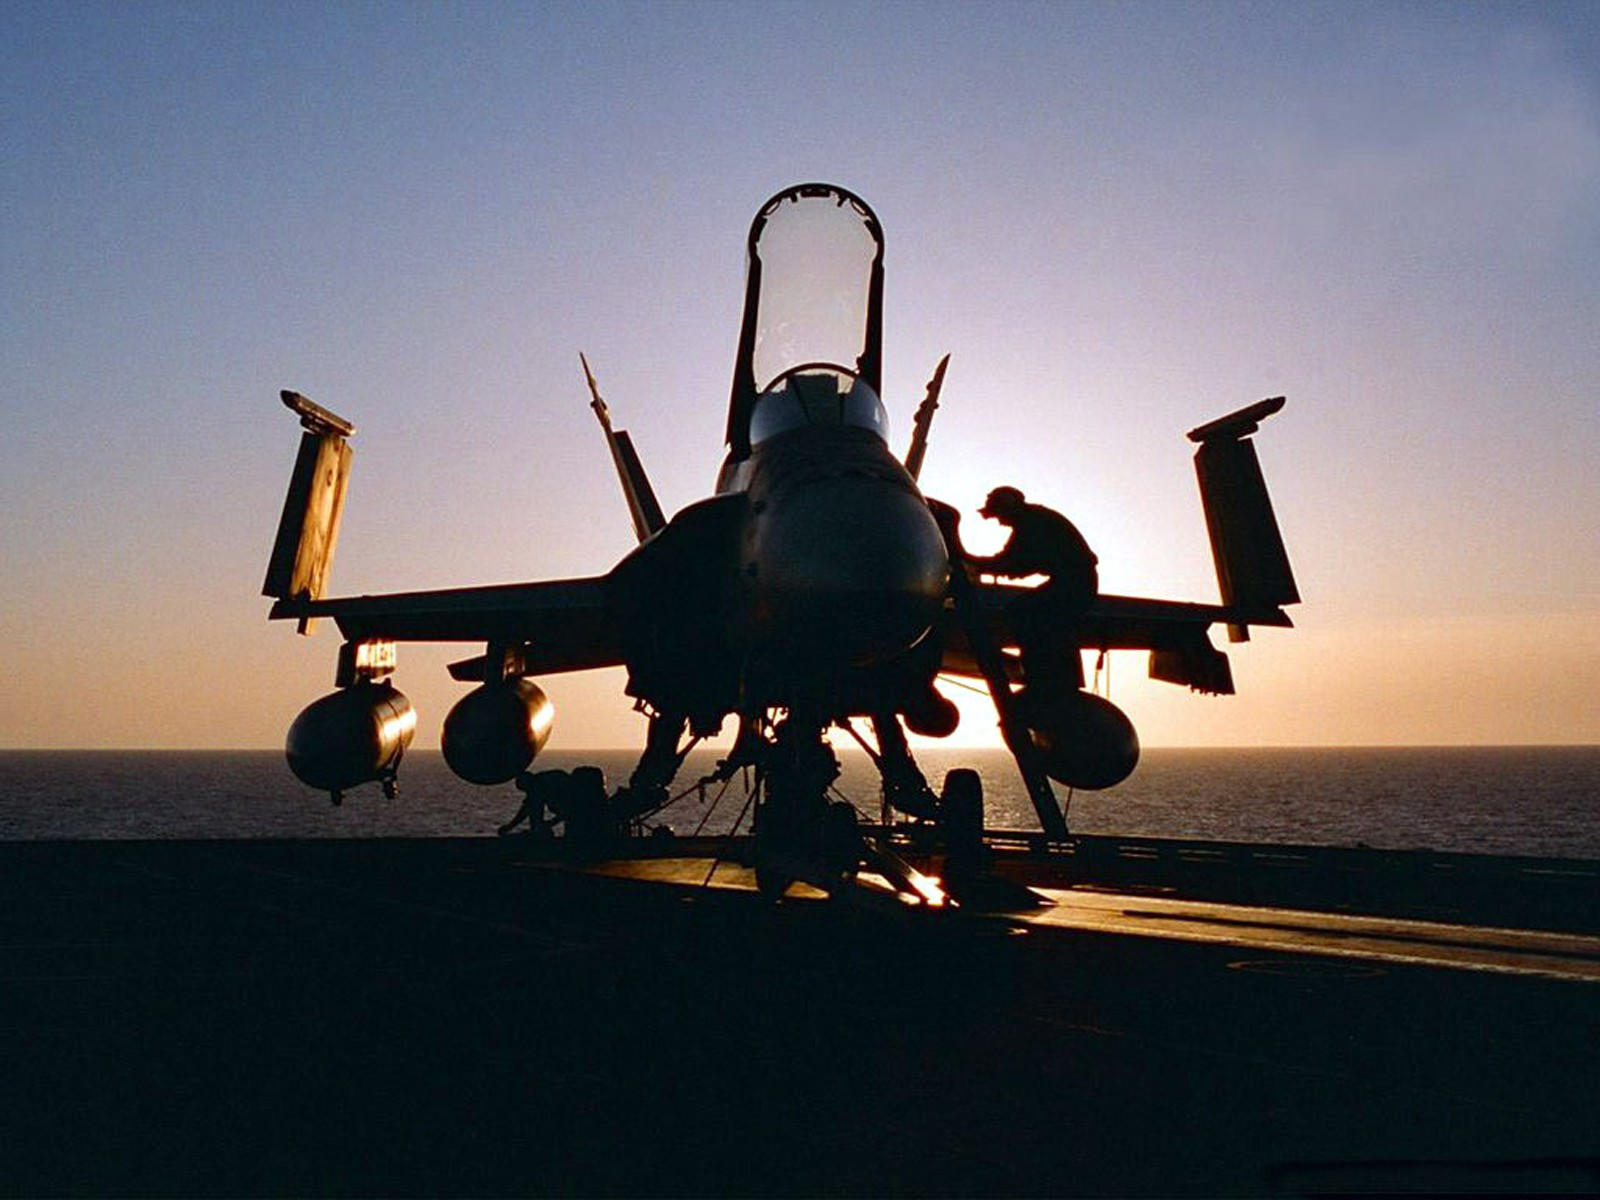 Самолёт F-18 Hornet на палубе авианосца